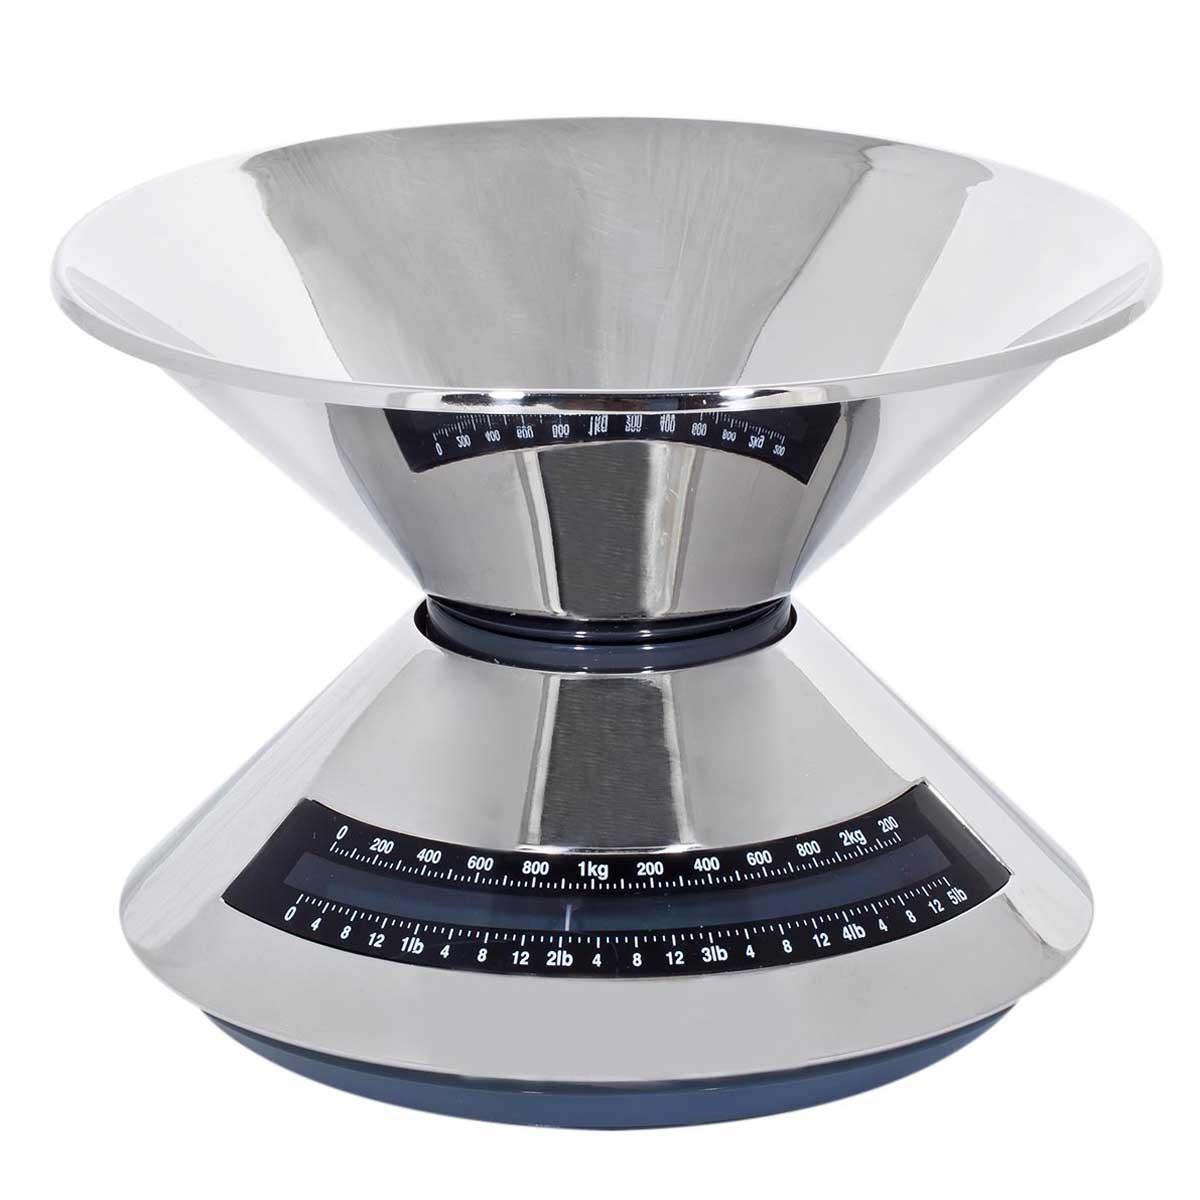 Ζυγαριά Κουζίνας Marva Inox 232020